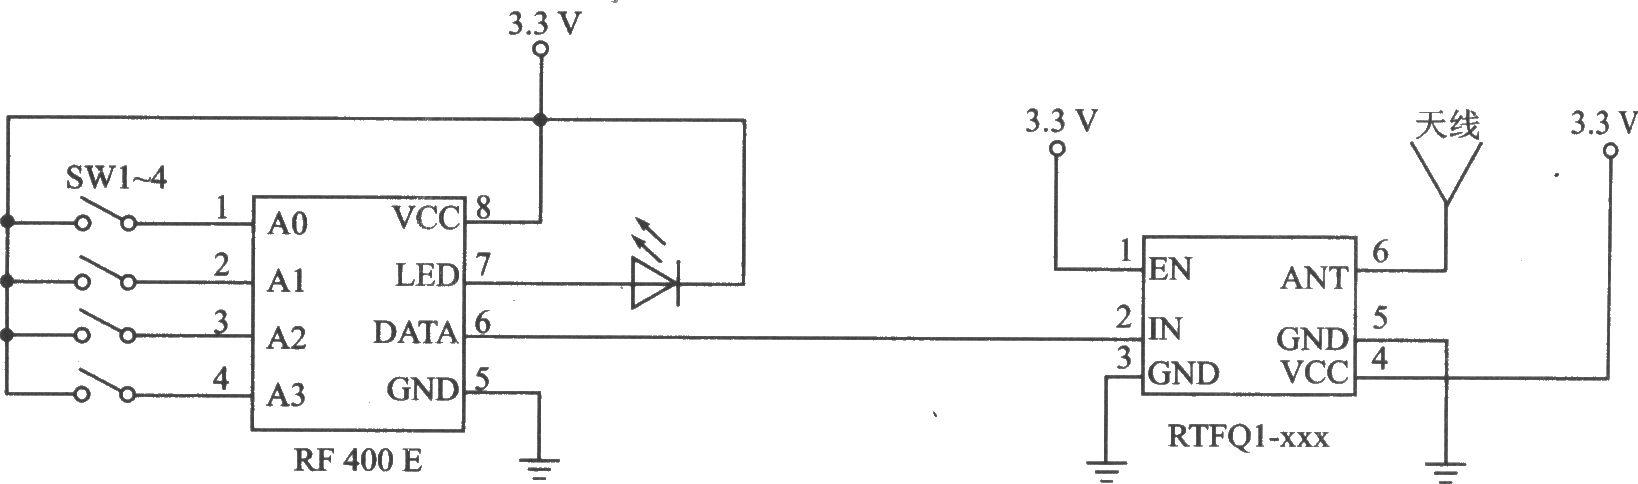 本电路图所用到的元器件: RF400E FM-RTFQ1-868 FM-RTFQl-xxx是高效率FM发射器。该系列产品有FM-RTFQl-315 MHz、FM-RTFQ1-433 MHz和FM-RTFQl-868 MHz三个型号,与之配套的接收器是FM-RRFQ1-315 MHz、FM-RRFQl-433 MHz和FM-RRFQl-868 MHz。它们适合在无线安防系统、汽车报警和遥控/遥测等中应用。 主要技术特点如下: 工作频率为315/433/868 MHz; 发射距离可达250 m; 数据传输速率